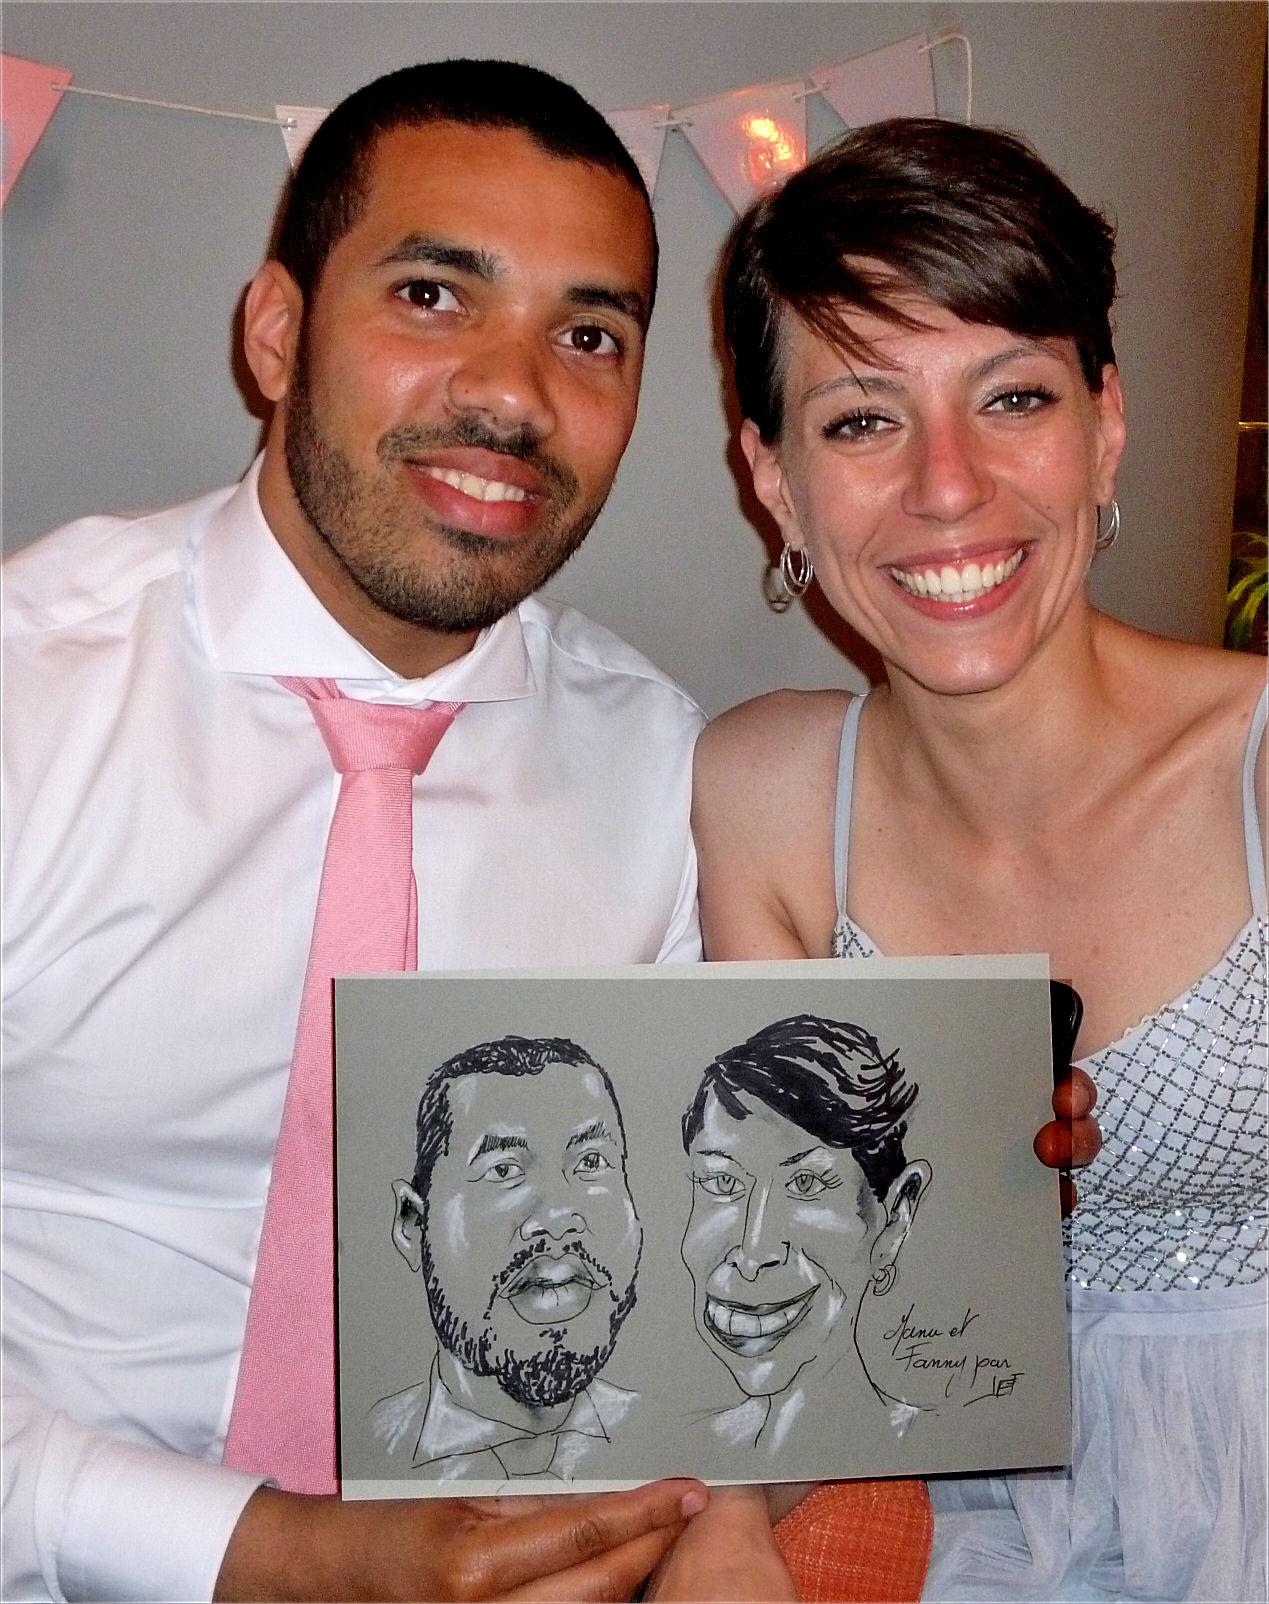 Manu et Fanny caricature de JEF